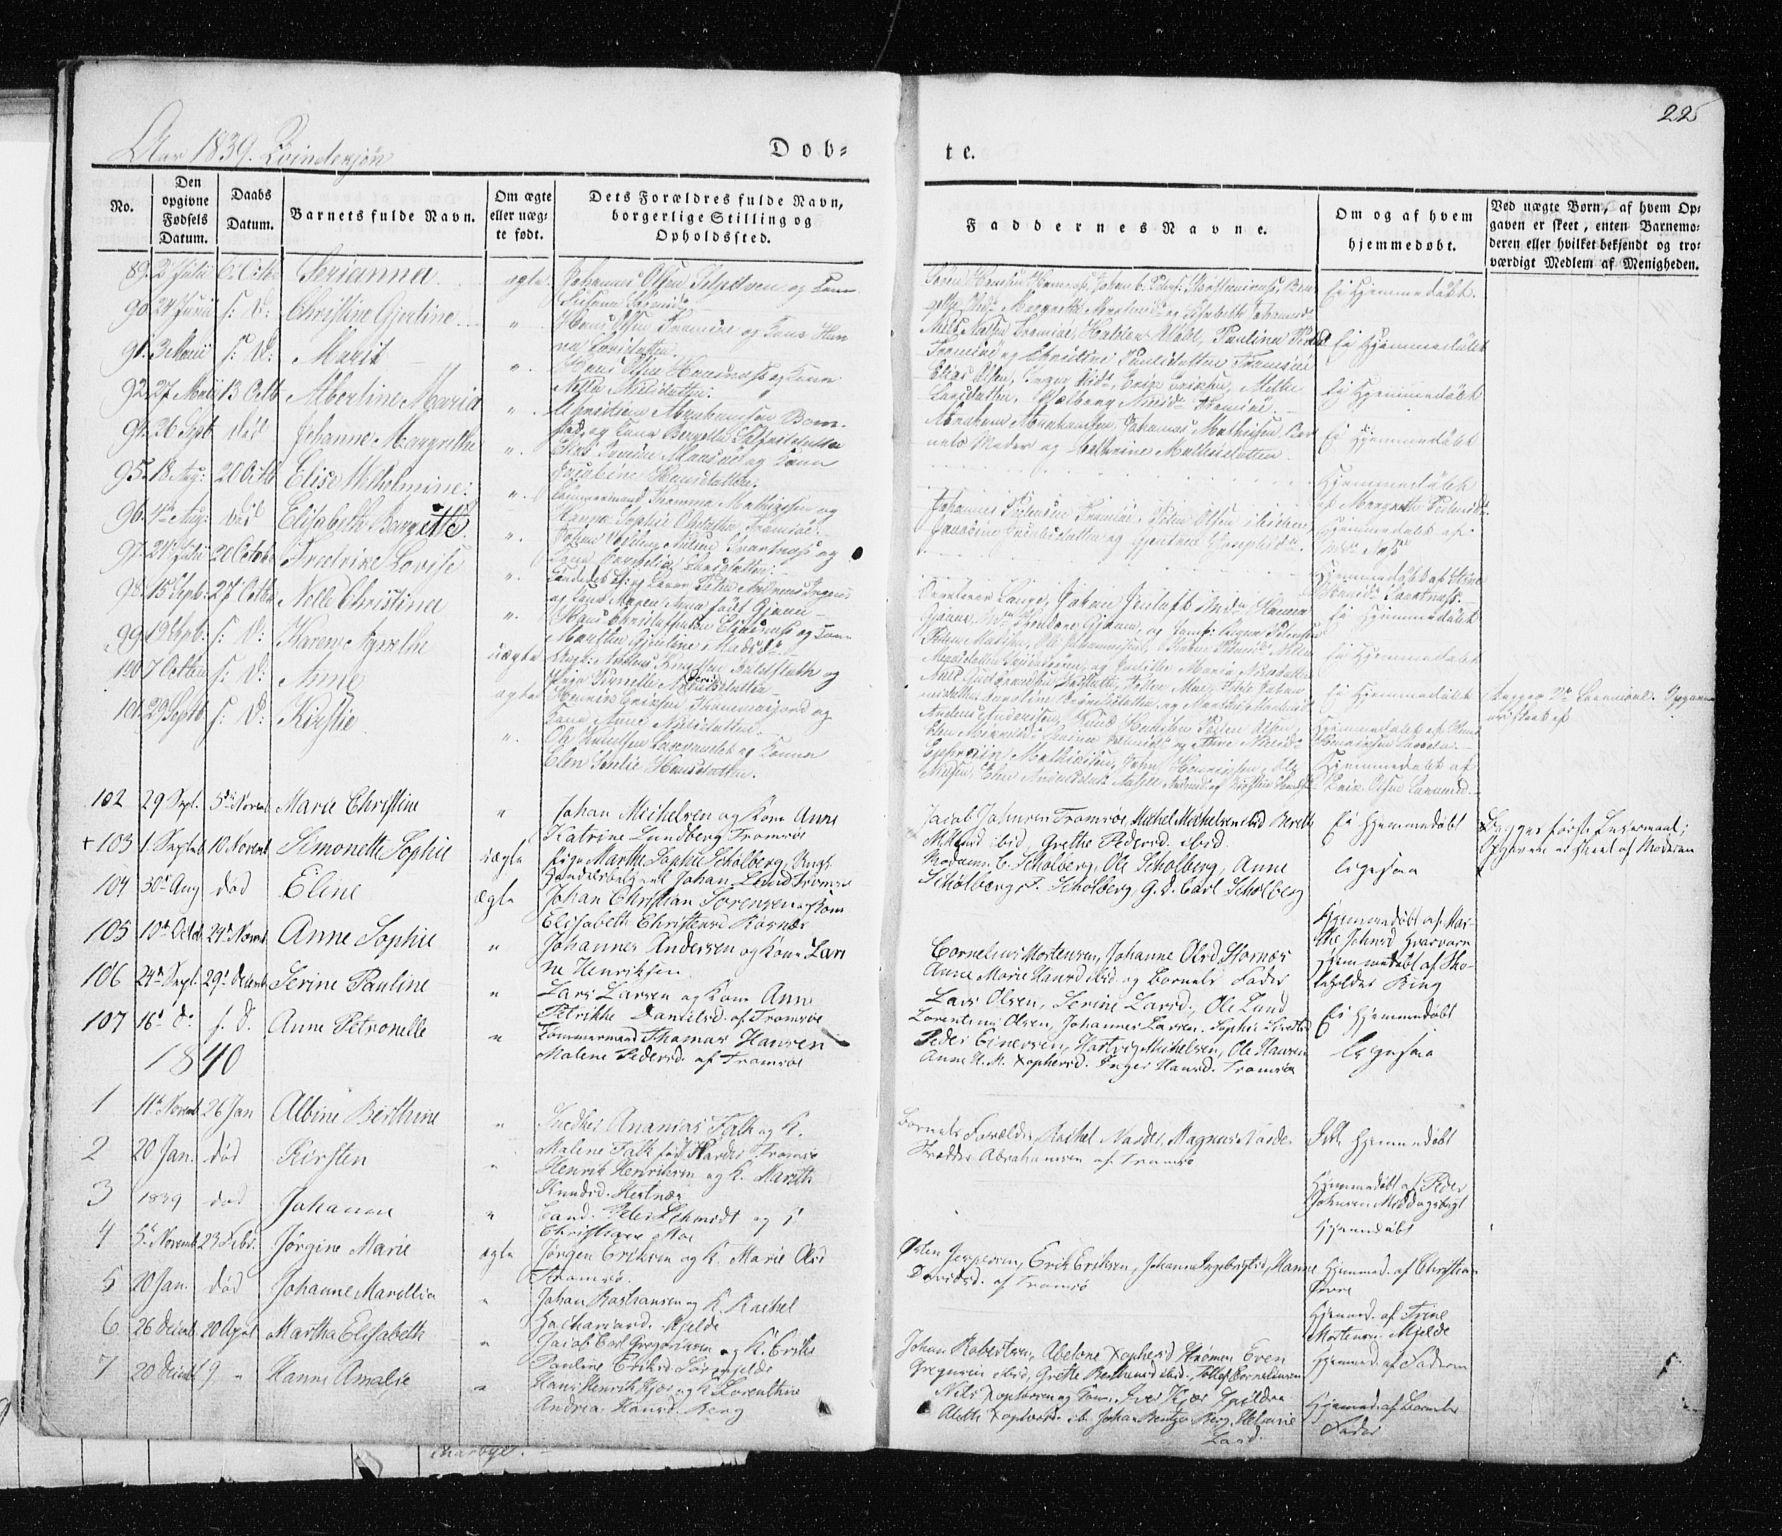 SATØ, Tromsø sokneprestkontor/stiftsprosti/domprosti, G/Ga/L0009kirke: Ministerialbok nr. 9, 1837-1847, s. 22